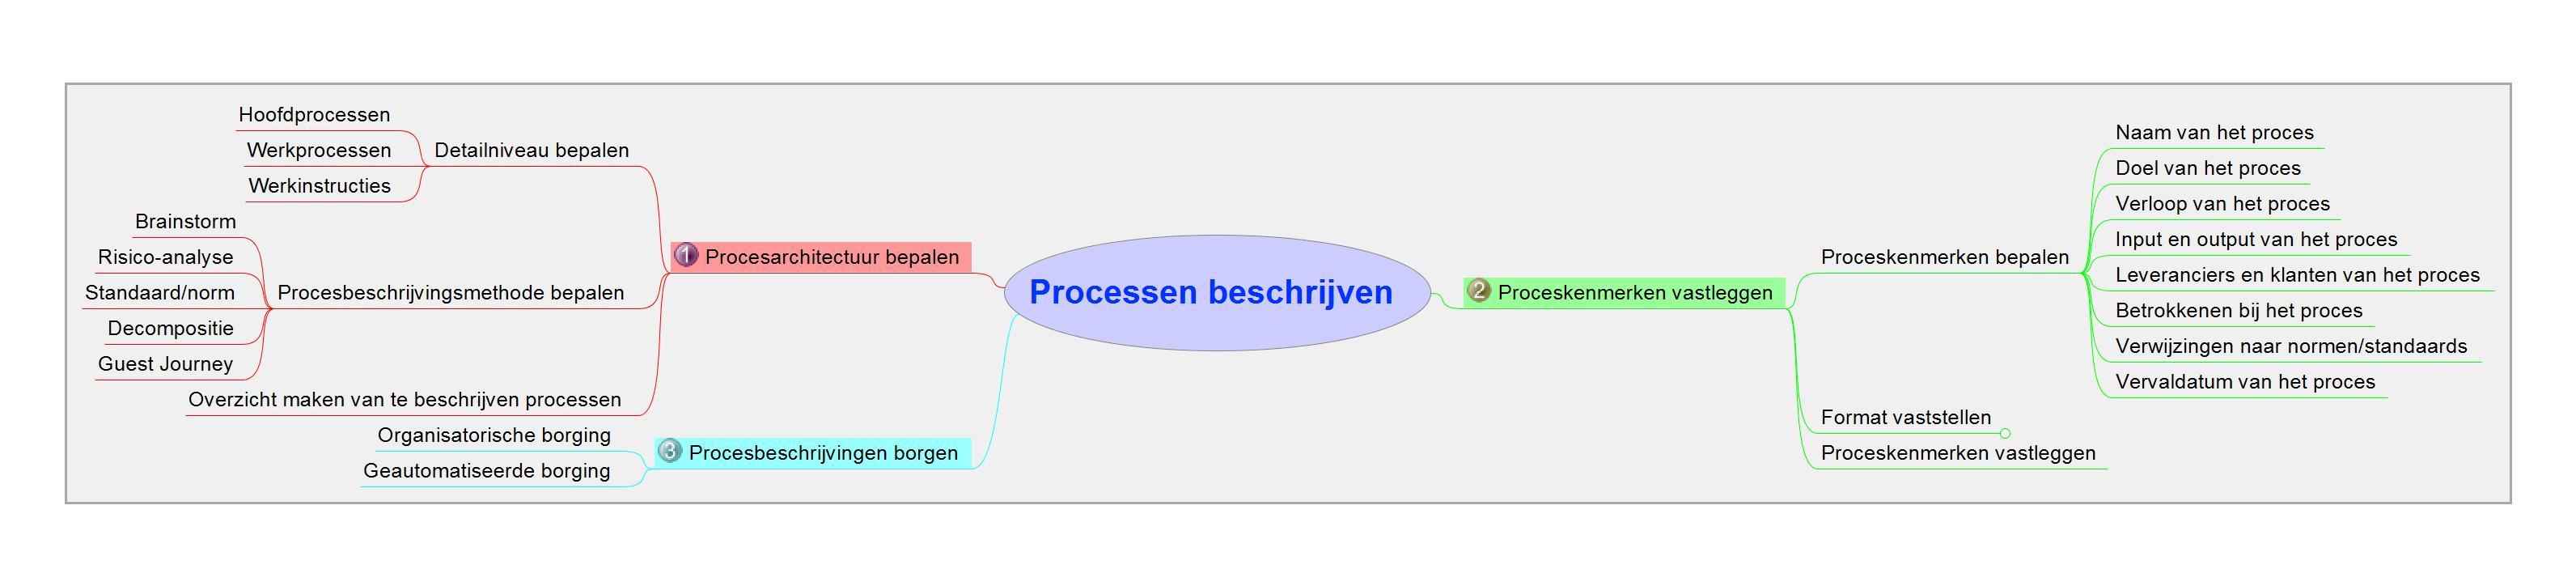 02 Processen beschrijven